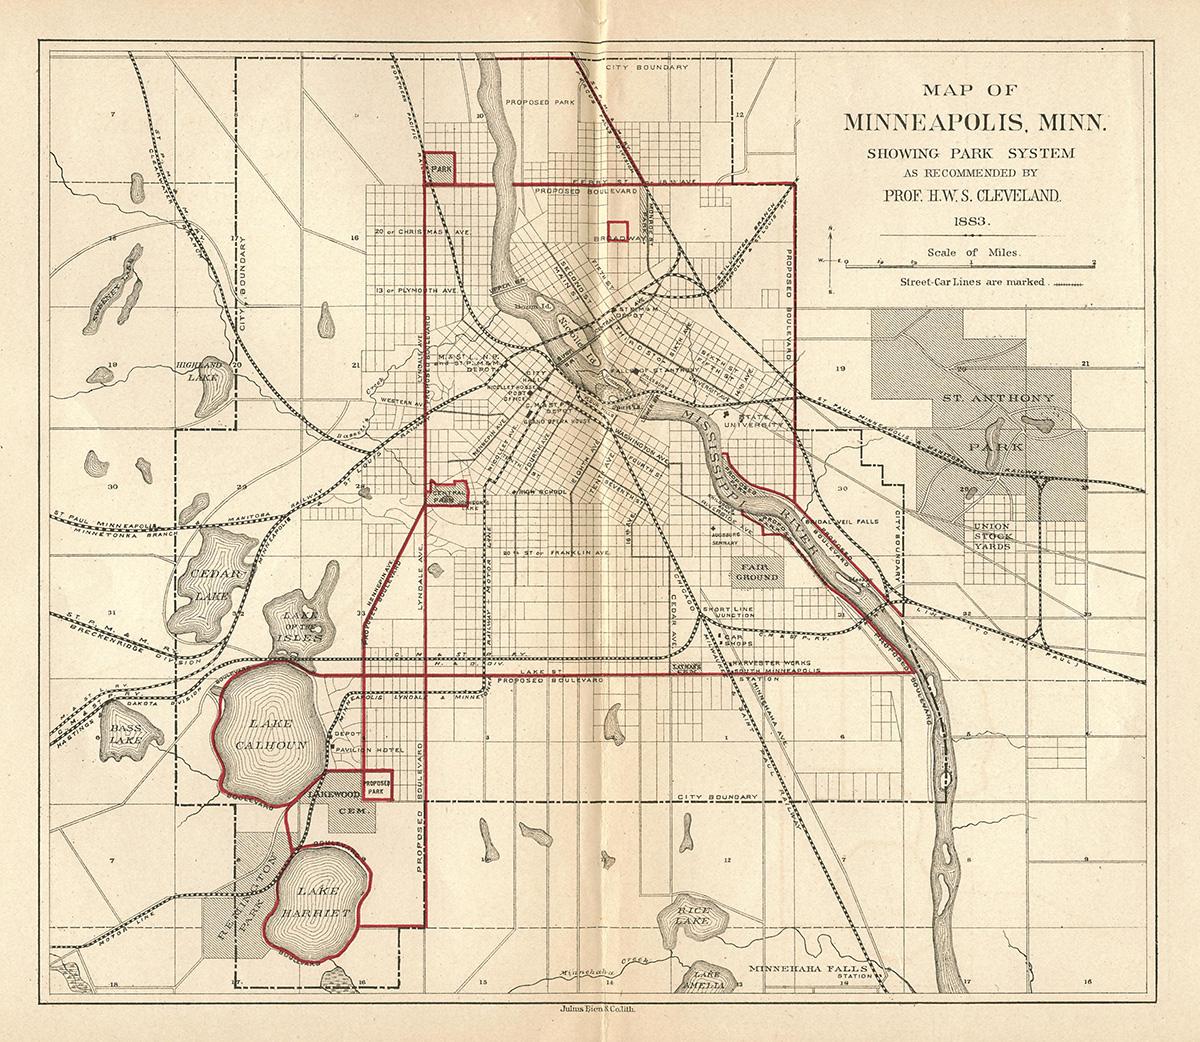 horace-clevelands-map-sig-01.jpg